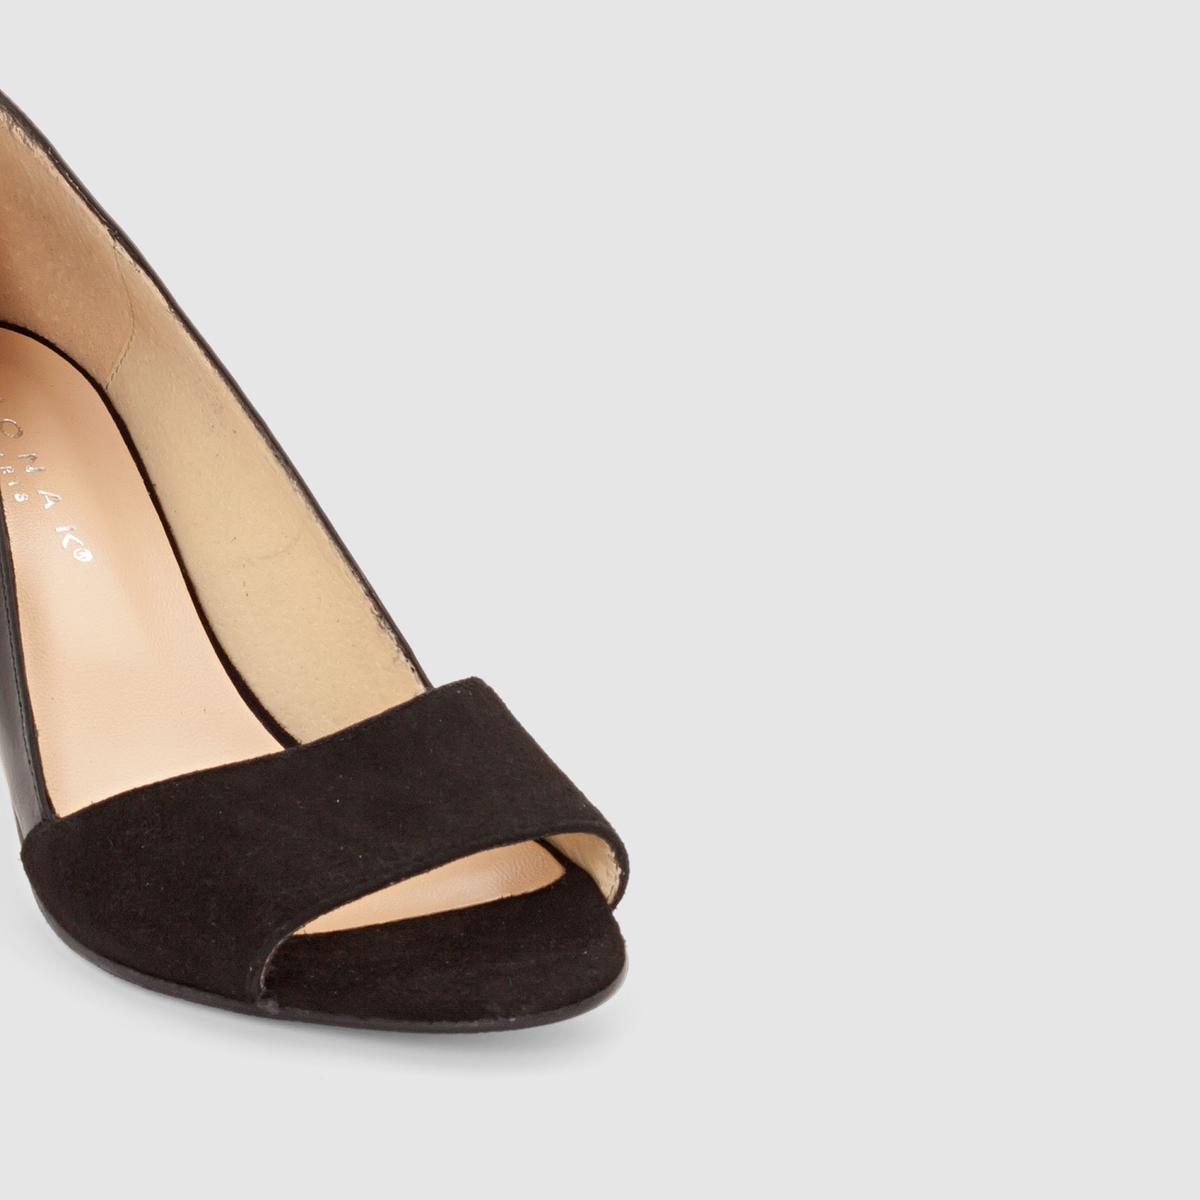 Туфли из двух материалов на каблукеТуфли на каблуке DORTA от JONAKВерх : велюр и яловичная кожаПодкладка :  кожаСтелька : кожаПодошва : из эластомераЗастежка : без застежки       Преимущества  : туфли на каблуке JONAK из двух материалов: блестящего и под замшу, элегантная и очень женственная форма.<br><br>Цвет: черный